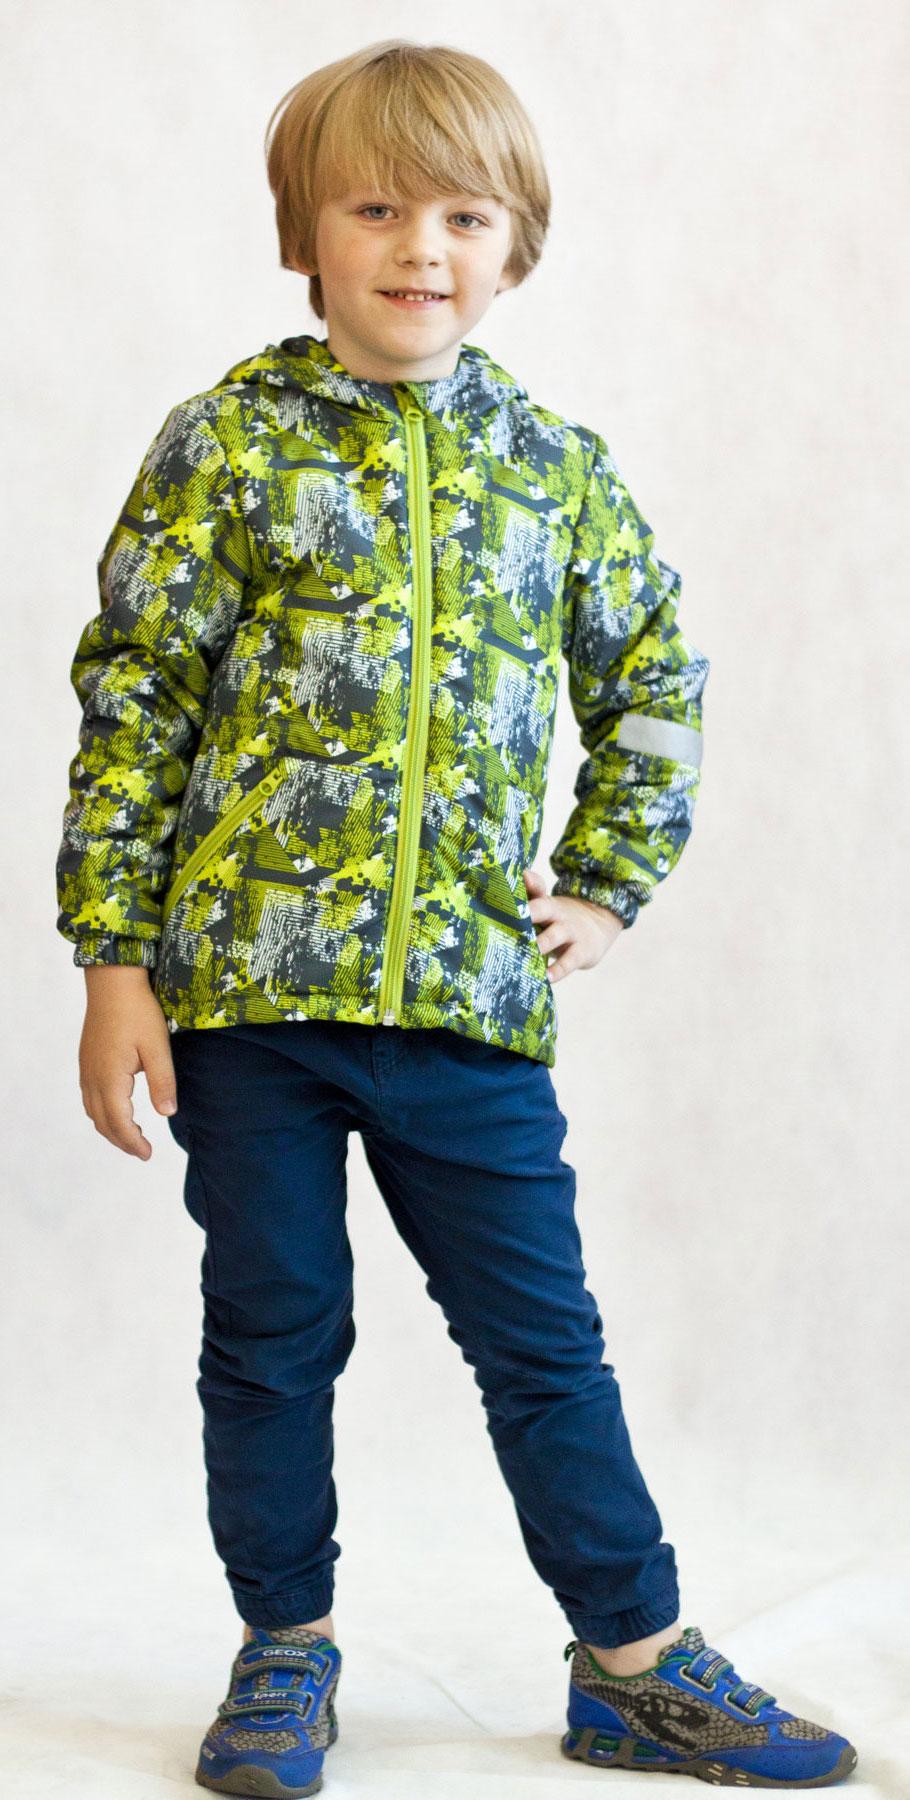 Куртка2К1719Легкая и удобная весенняя куртка Илар от Jicco By Oldos отлично подойдет для прохладной весенней погоды. Модель выполнена из полиэстера со специальным водоотталкивающим покрытием, застегивается на молнию. Благодаря утеплителю Hollofan плотностью 100 г/м2 куртку можно носить при температуре +10…-5°С. Она прекрасно защитит от ветра и весеннего дождика. Куртка имеет все самое необходимое для комфортной носки. Внутренняя ветрозащитная планка по всей длине молнии с защитой подбородка от прищемления. Низ куртки регулируется по ширине. Капюшон несъемный, для лучшего прилегания по краям вшита резинка. Манжеты присобраны на резинку. Есть светоотражающие элементы и карманы на молнии.